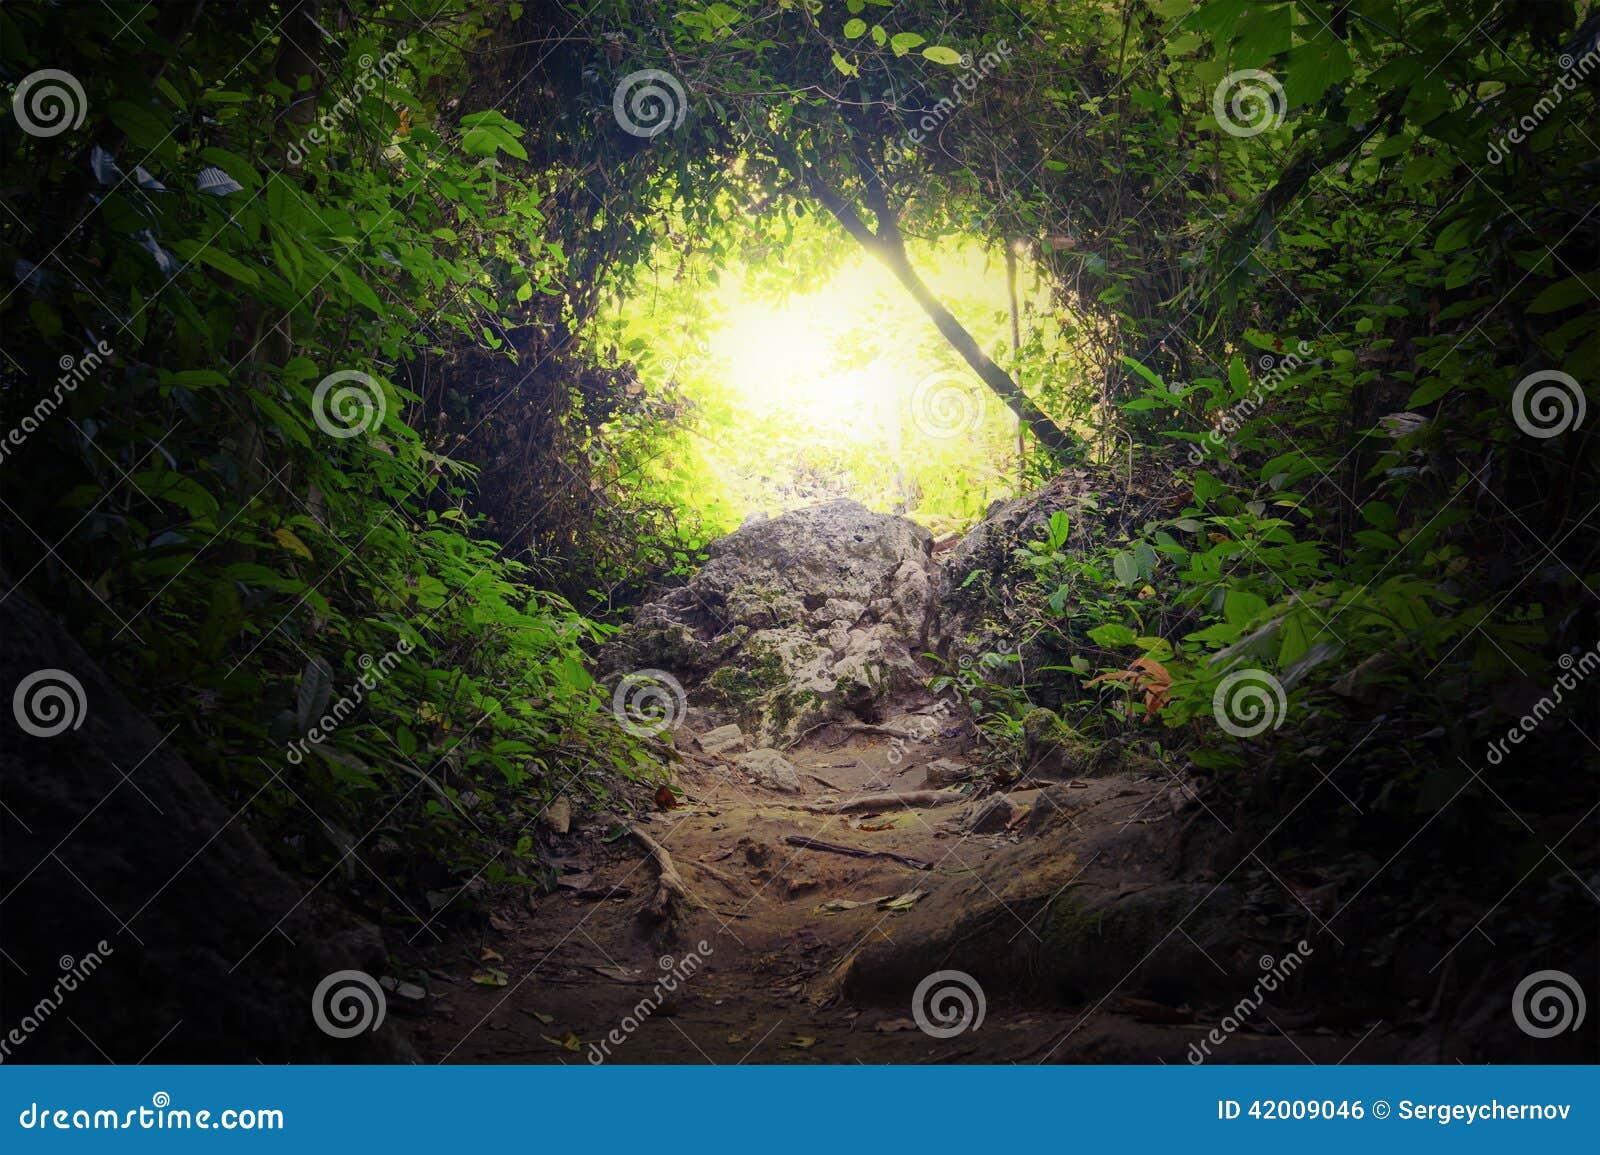 Túnel natural en bosque tropical de la selva